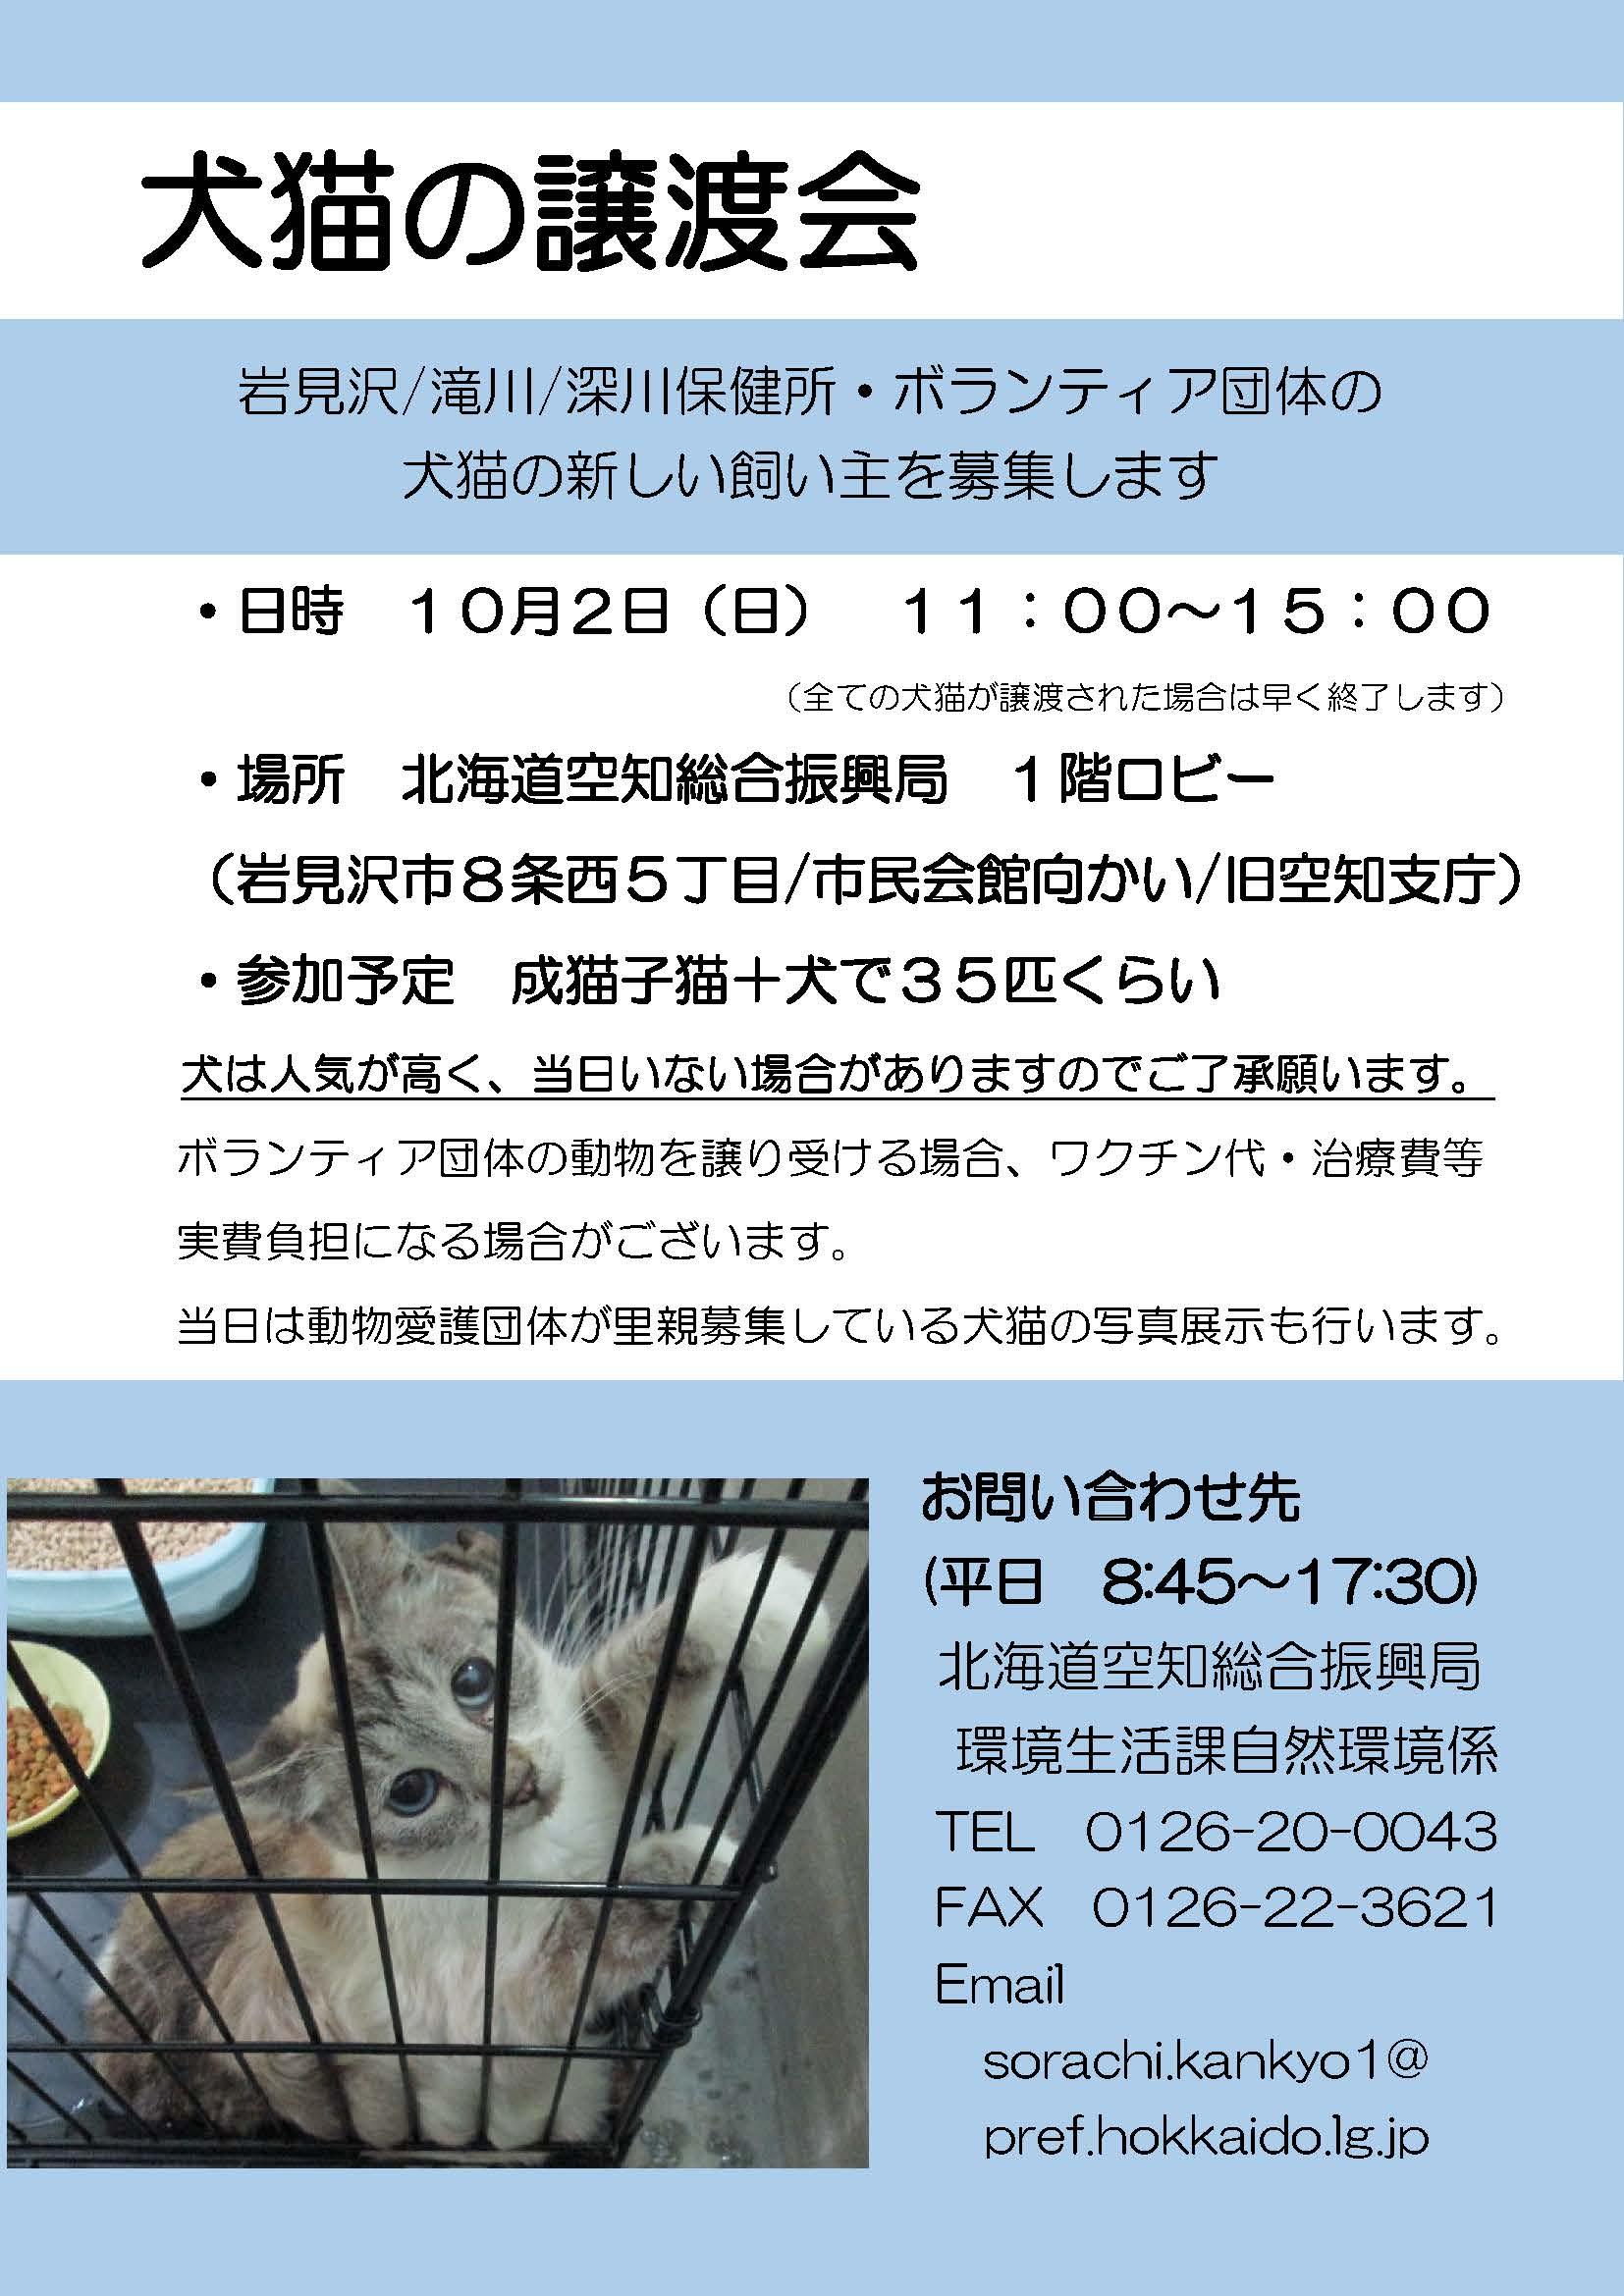 北海道空知総合振興局 犬猫の譲渡会